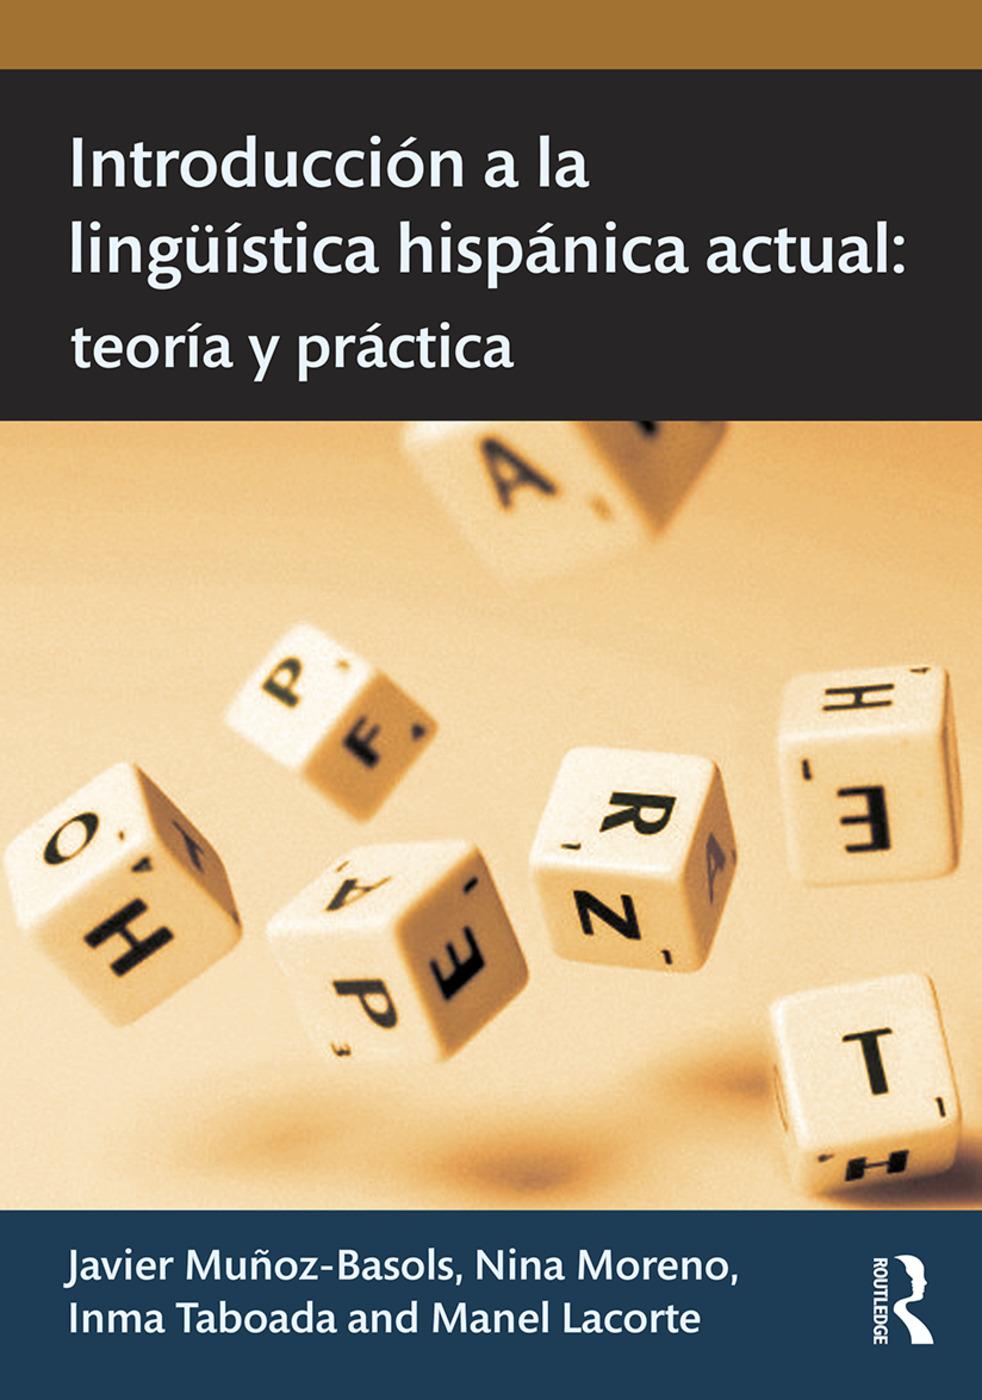 Introducción a la lingüística hispánica actual: teoría y práctica book cover